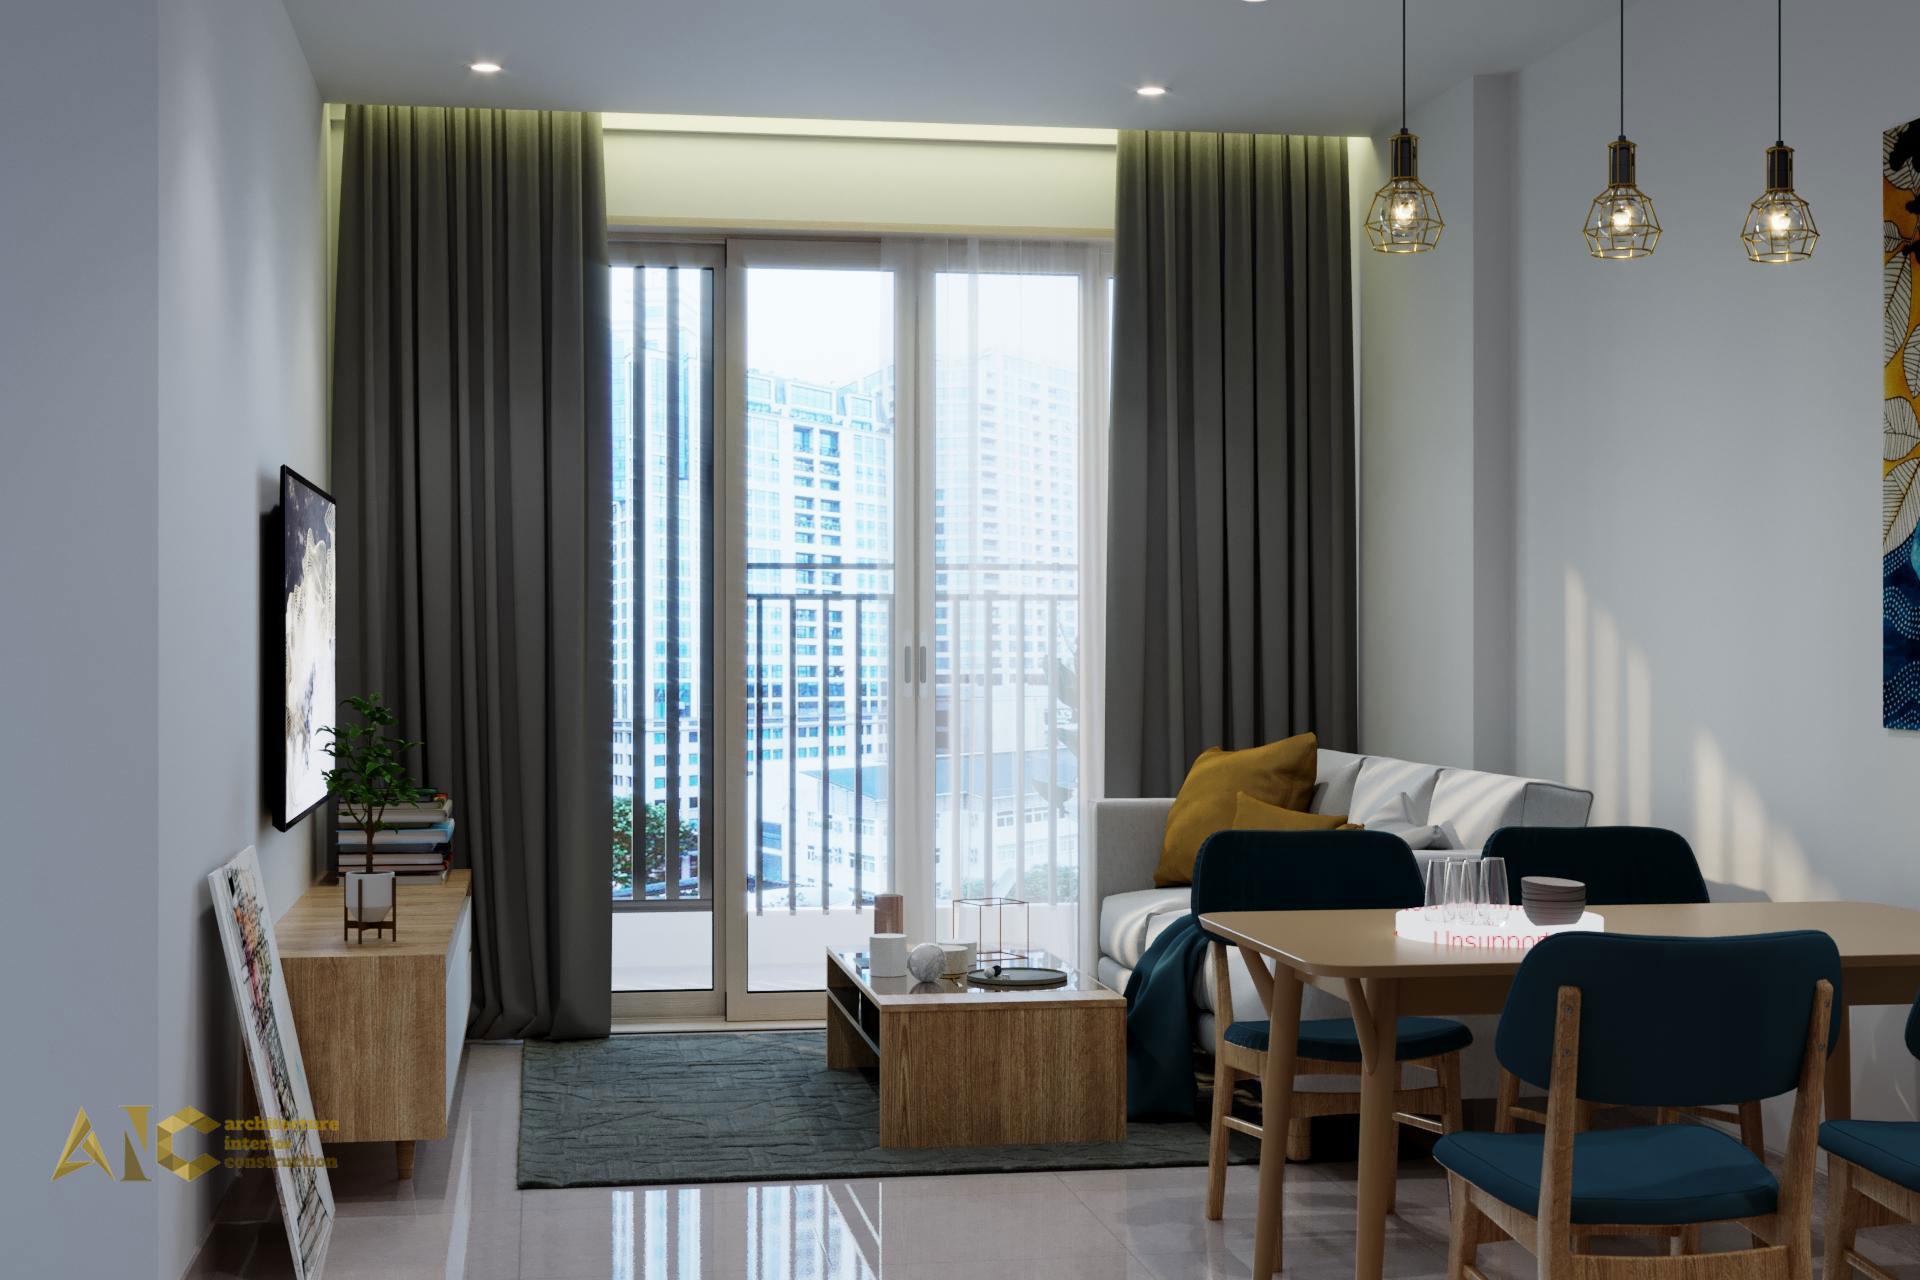 thiết kế và thi công nội thất căn hộ chú Chương - Golden Mansion view 8